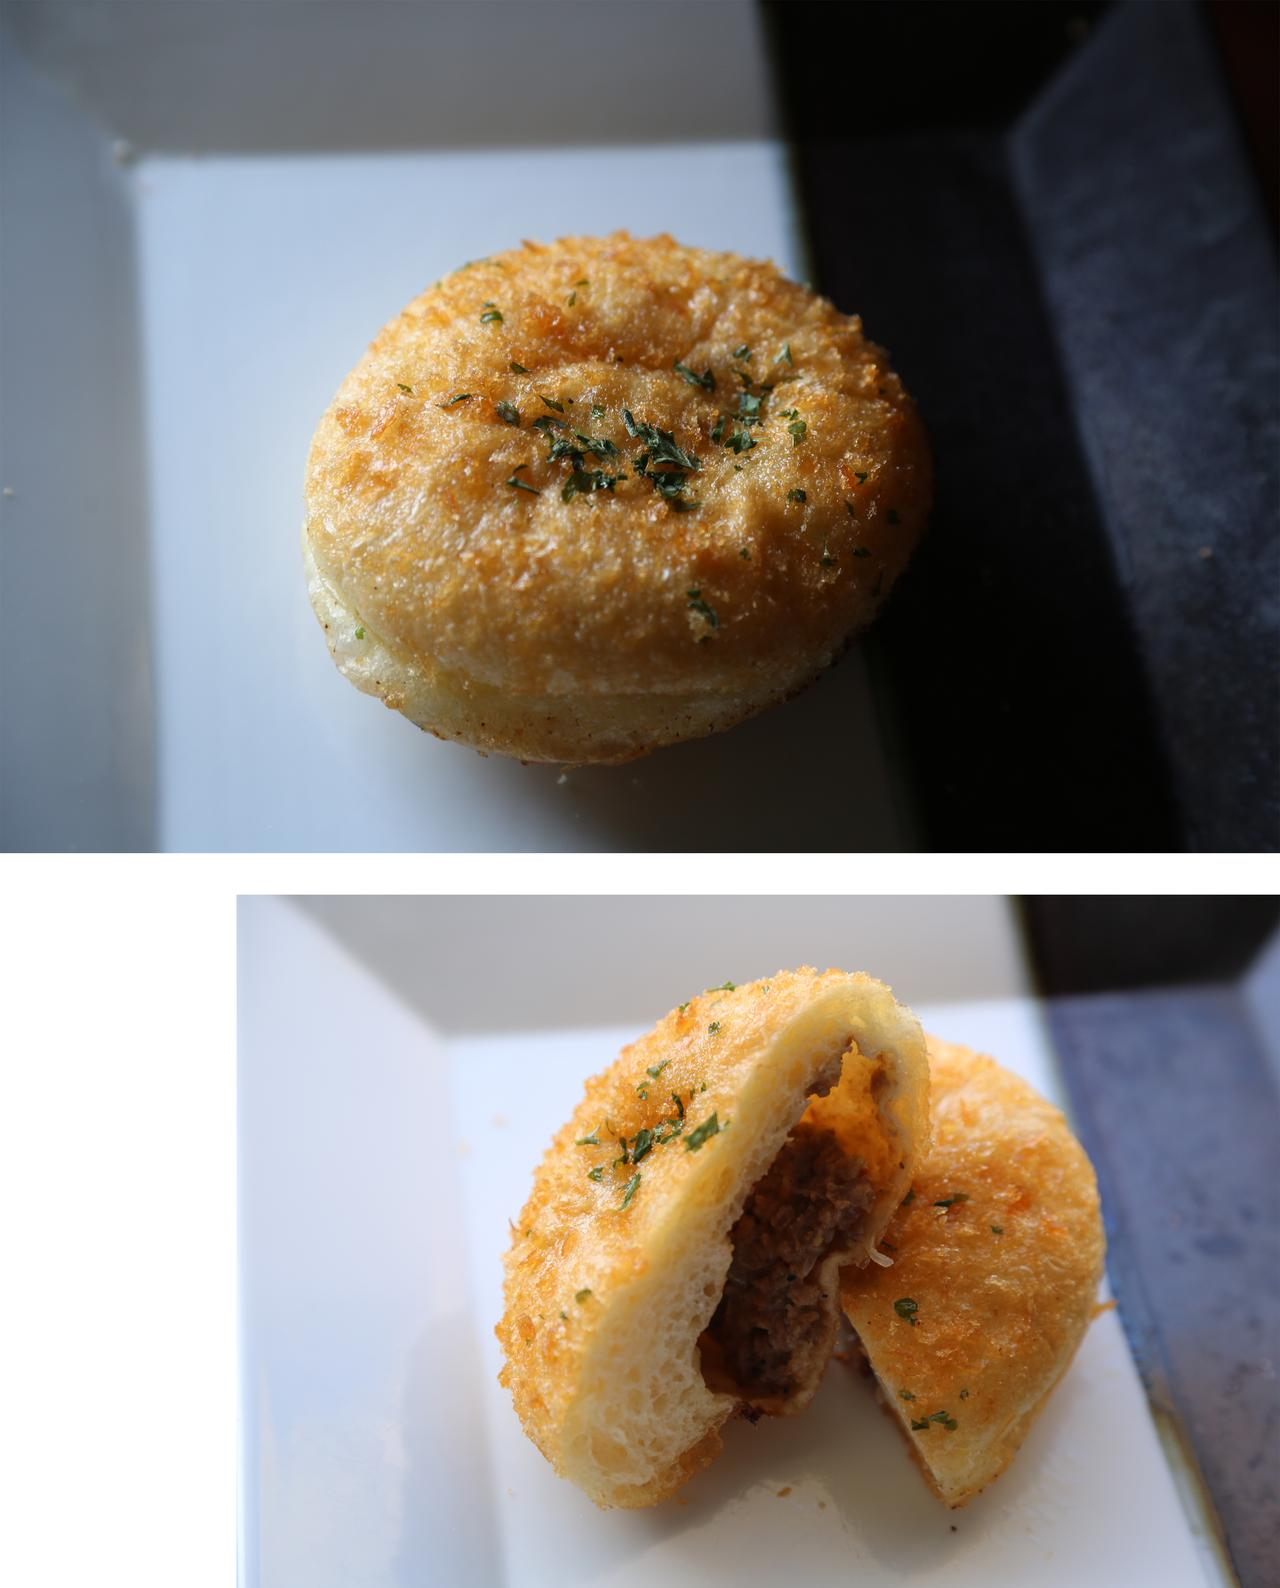 画像9: 博多によーきんしゃったね!  グローバルでディープな博多の今をリアルにレポート! 「梅雨の合間は博多の絶品パンで朝食を!」編〜